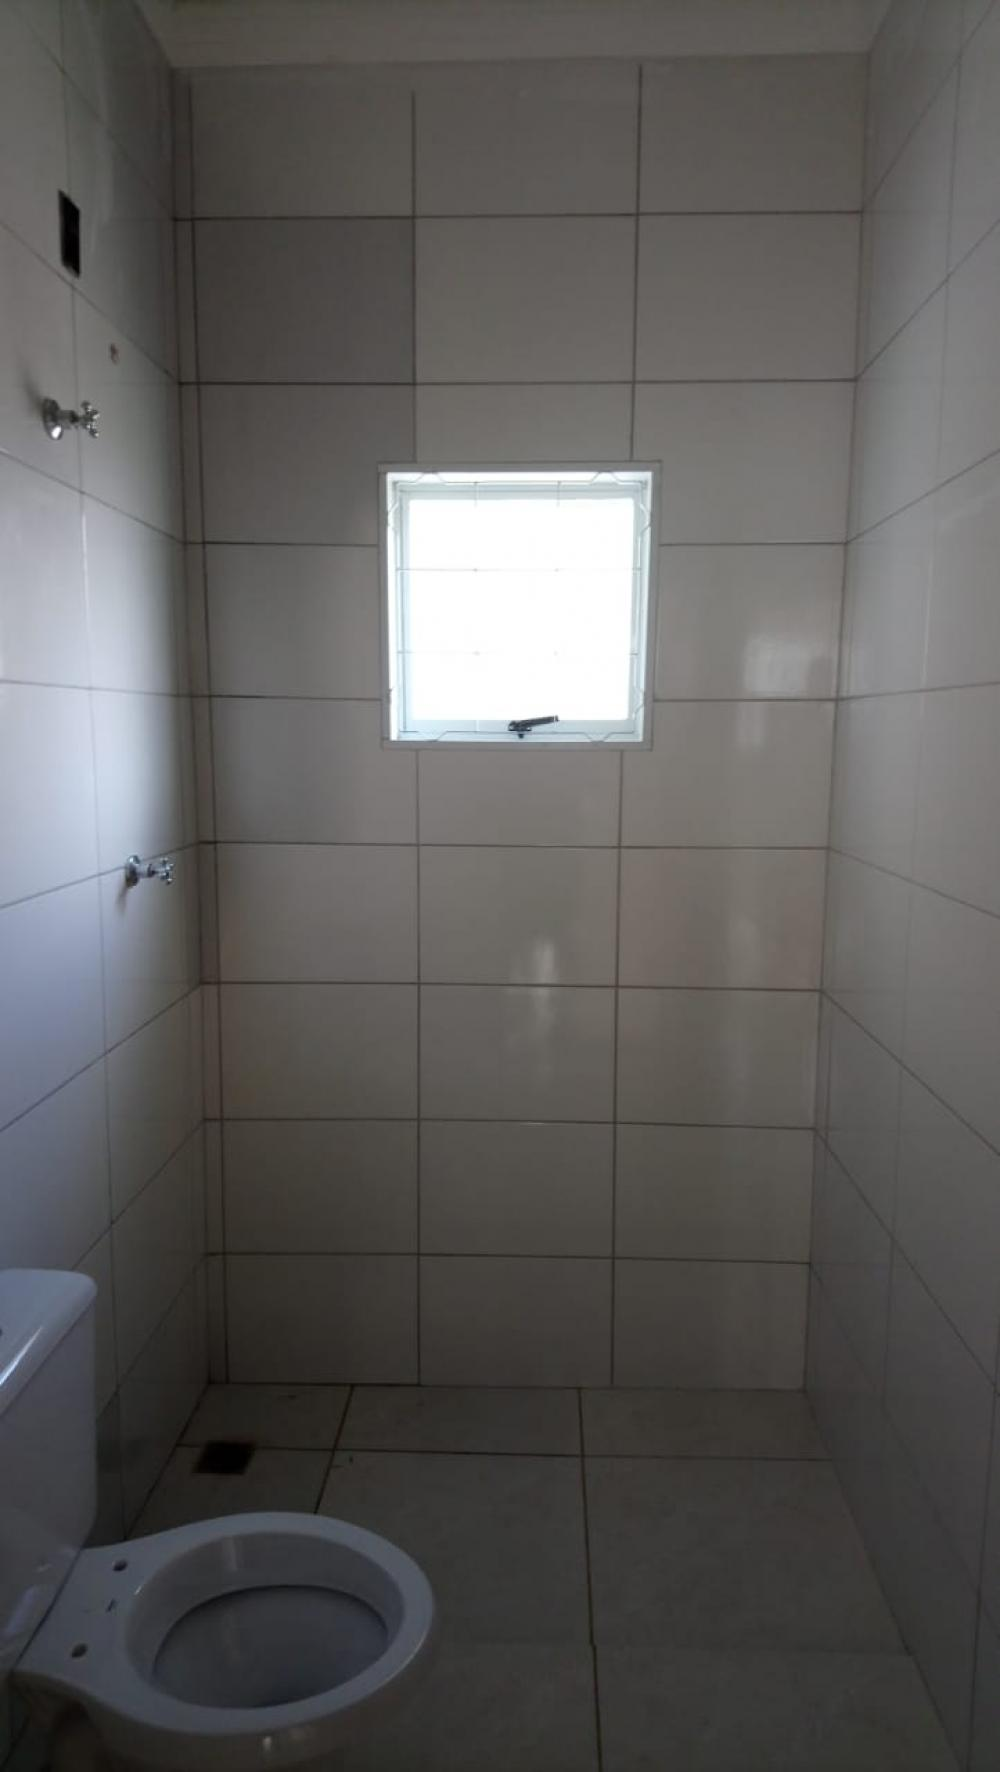 Alugar Casa / Padrão em São José do Rio Preto R$ 600,00 - Foto 14